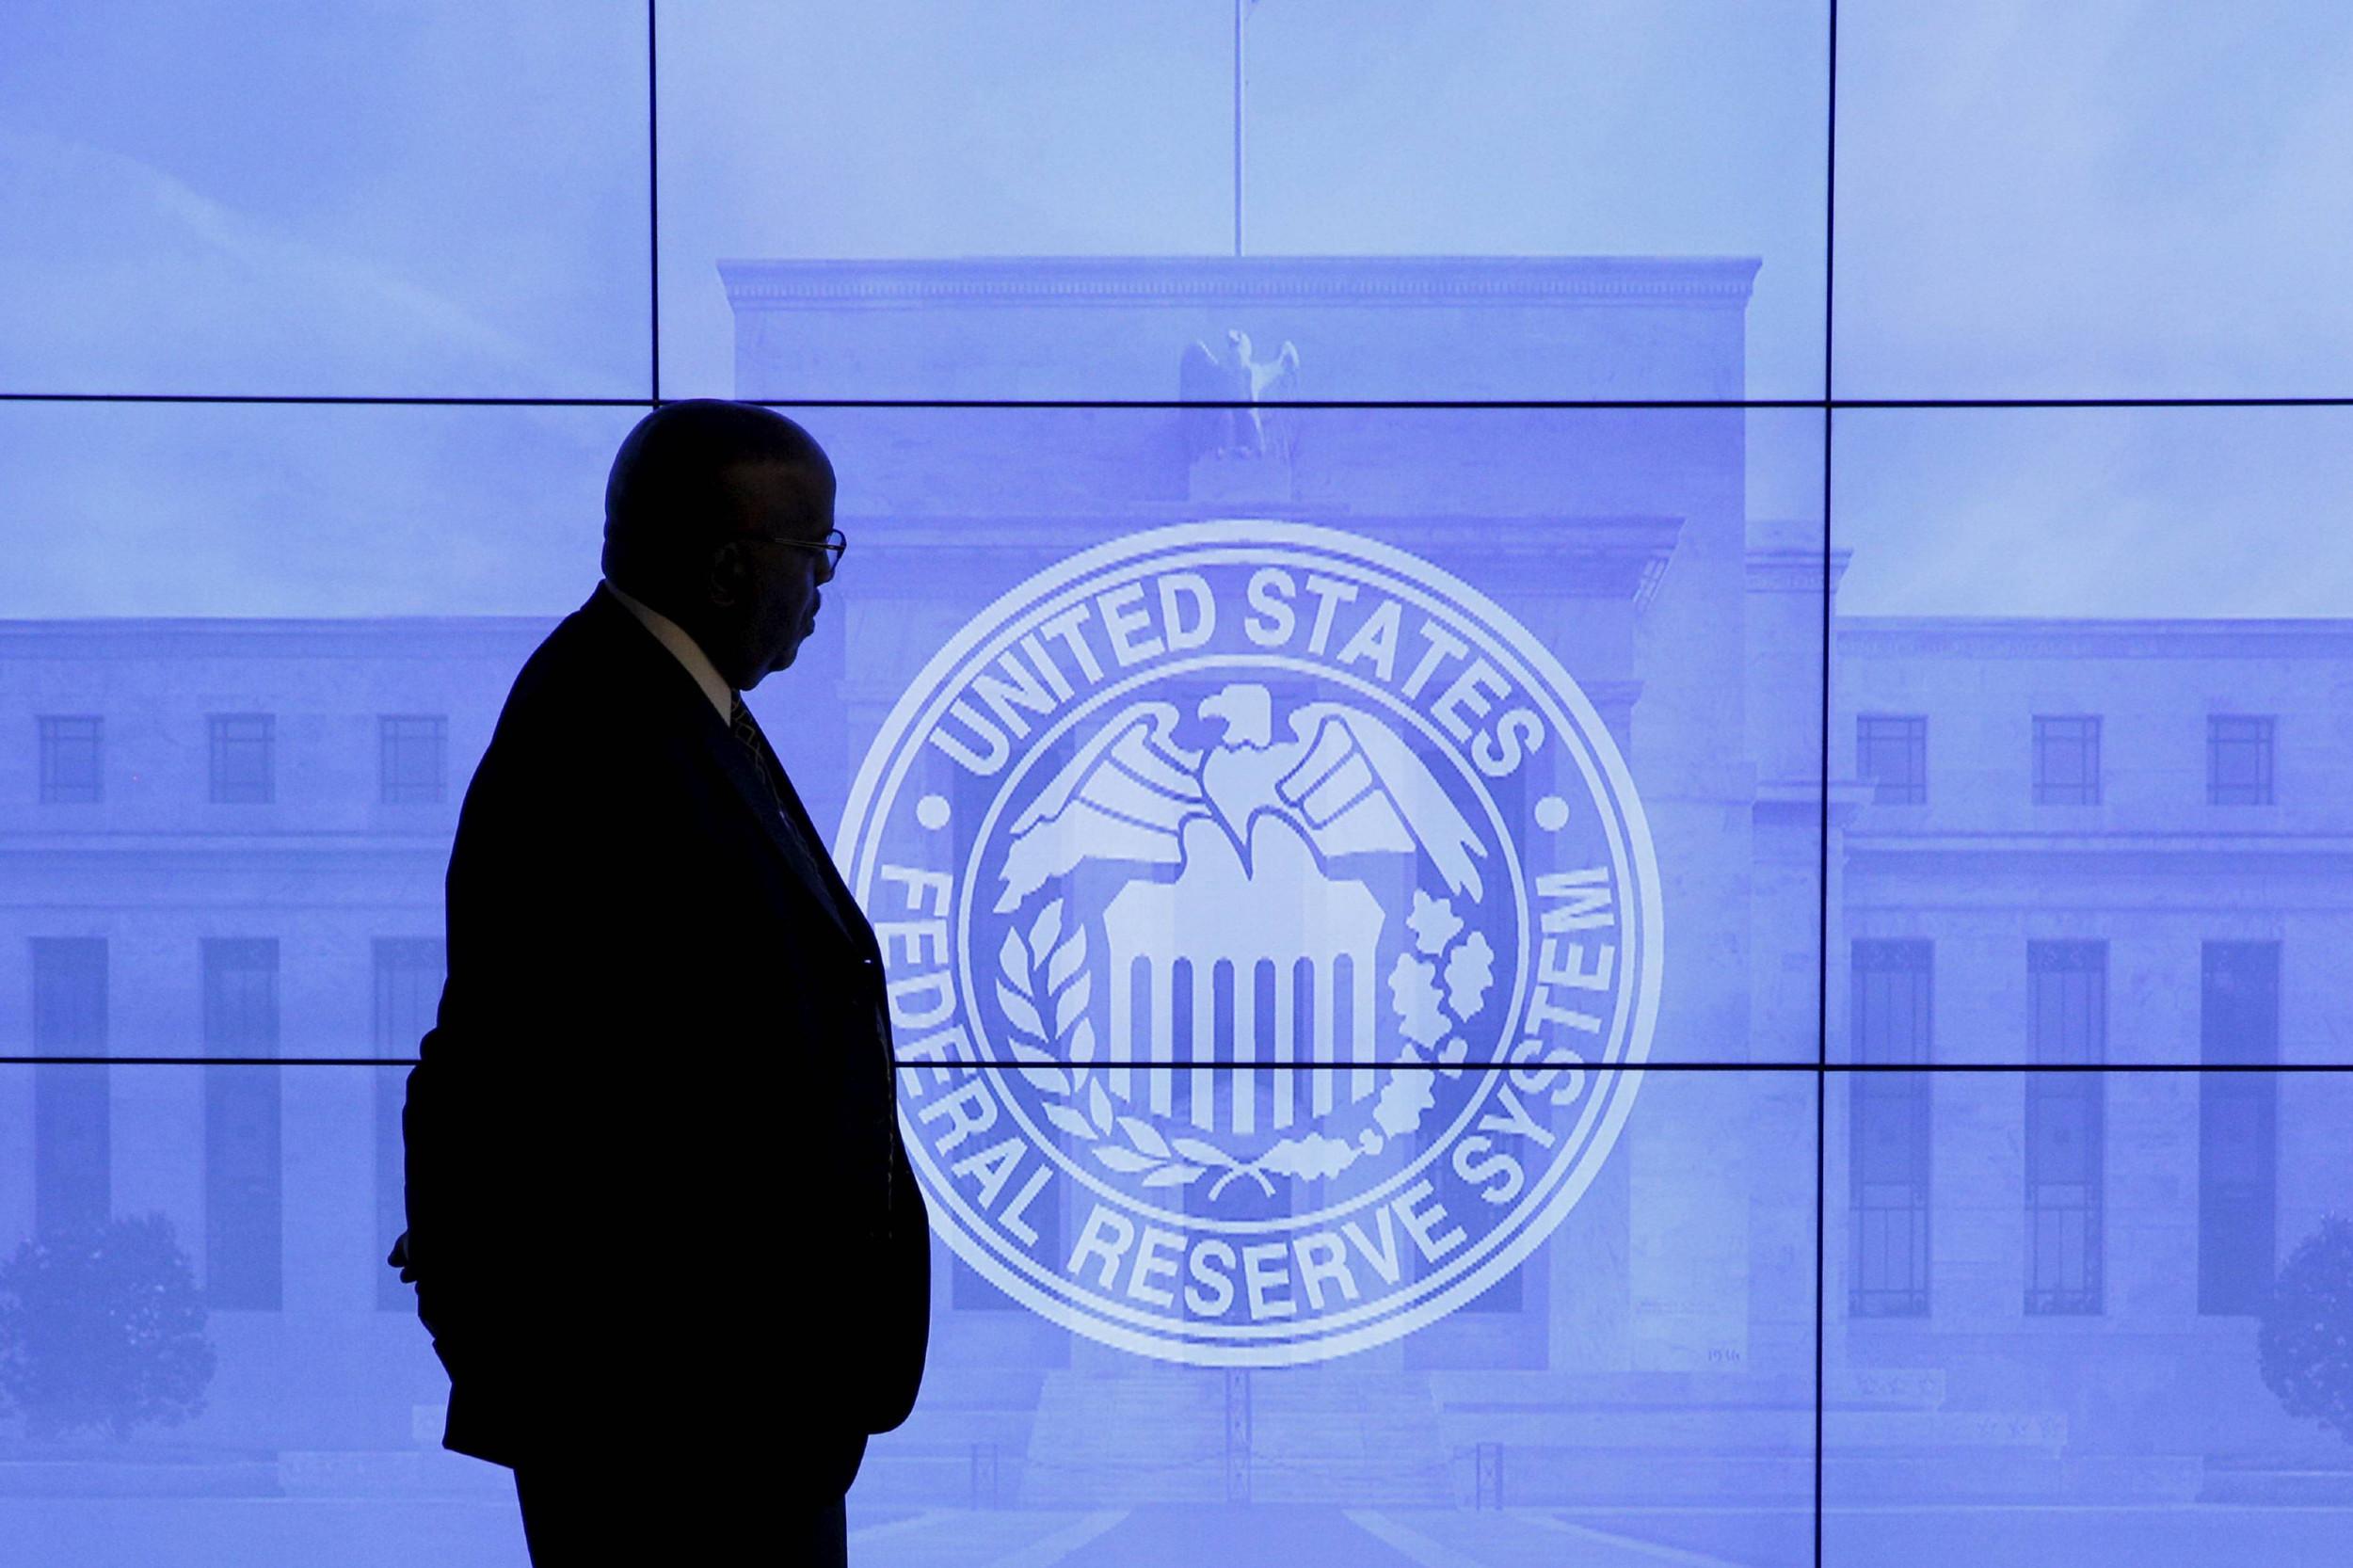 Човек пролази поред екрана на ком се налази грб Федералних резерви (Фото: Reuters/Kevin Lamarque)